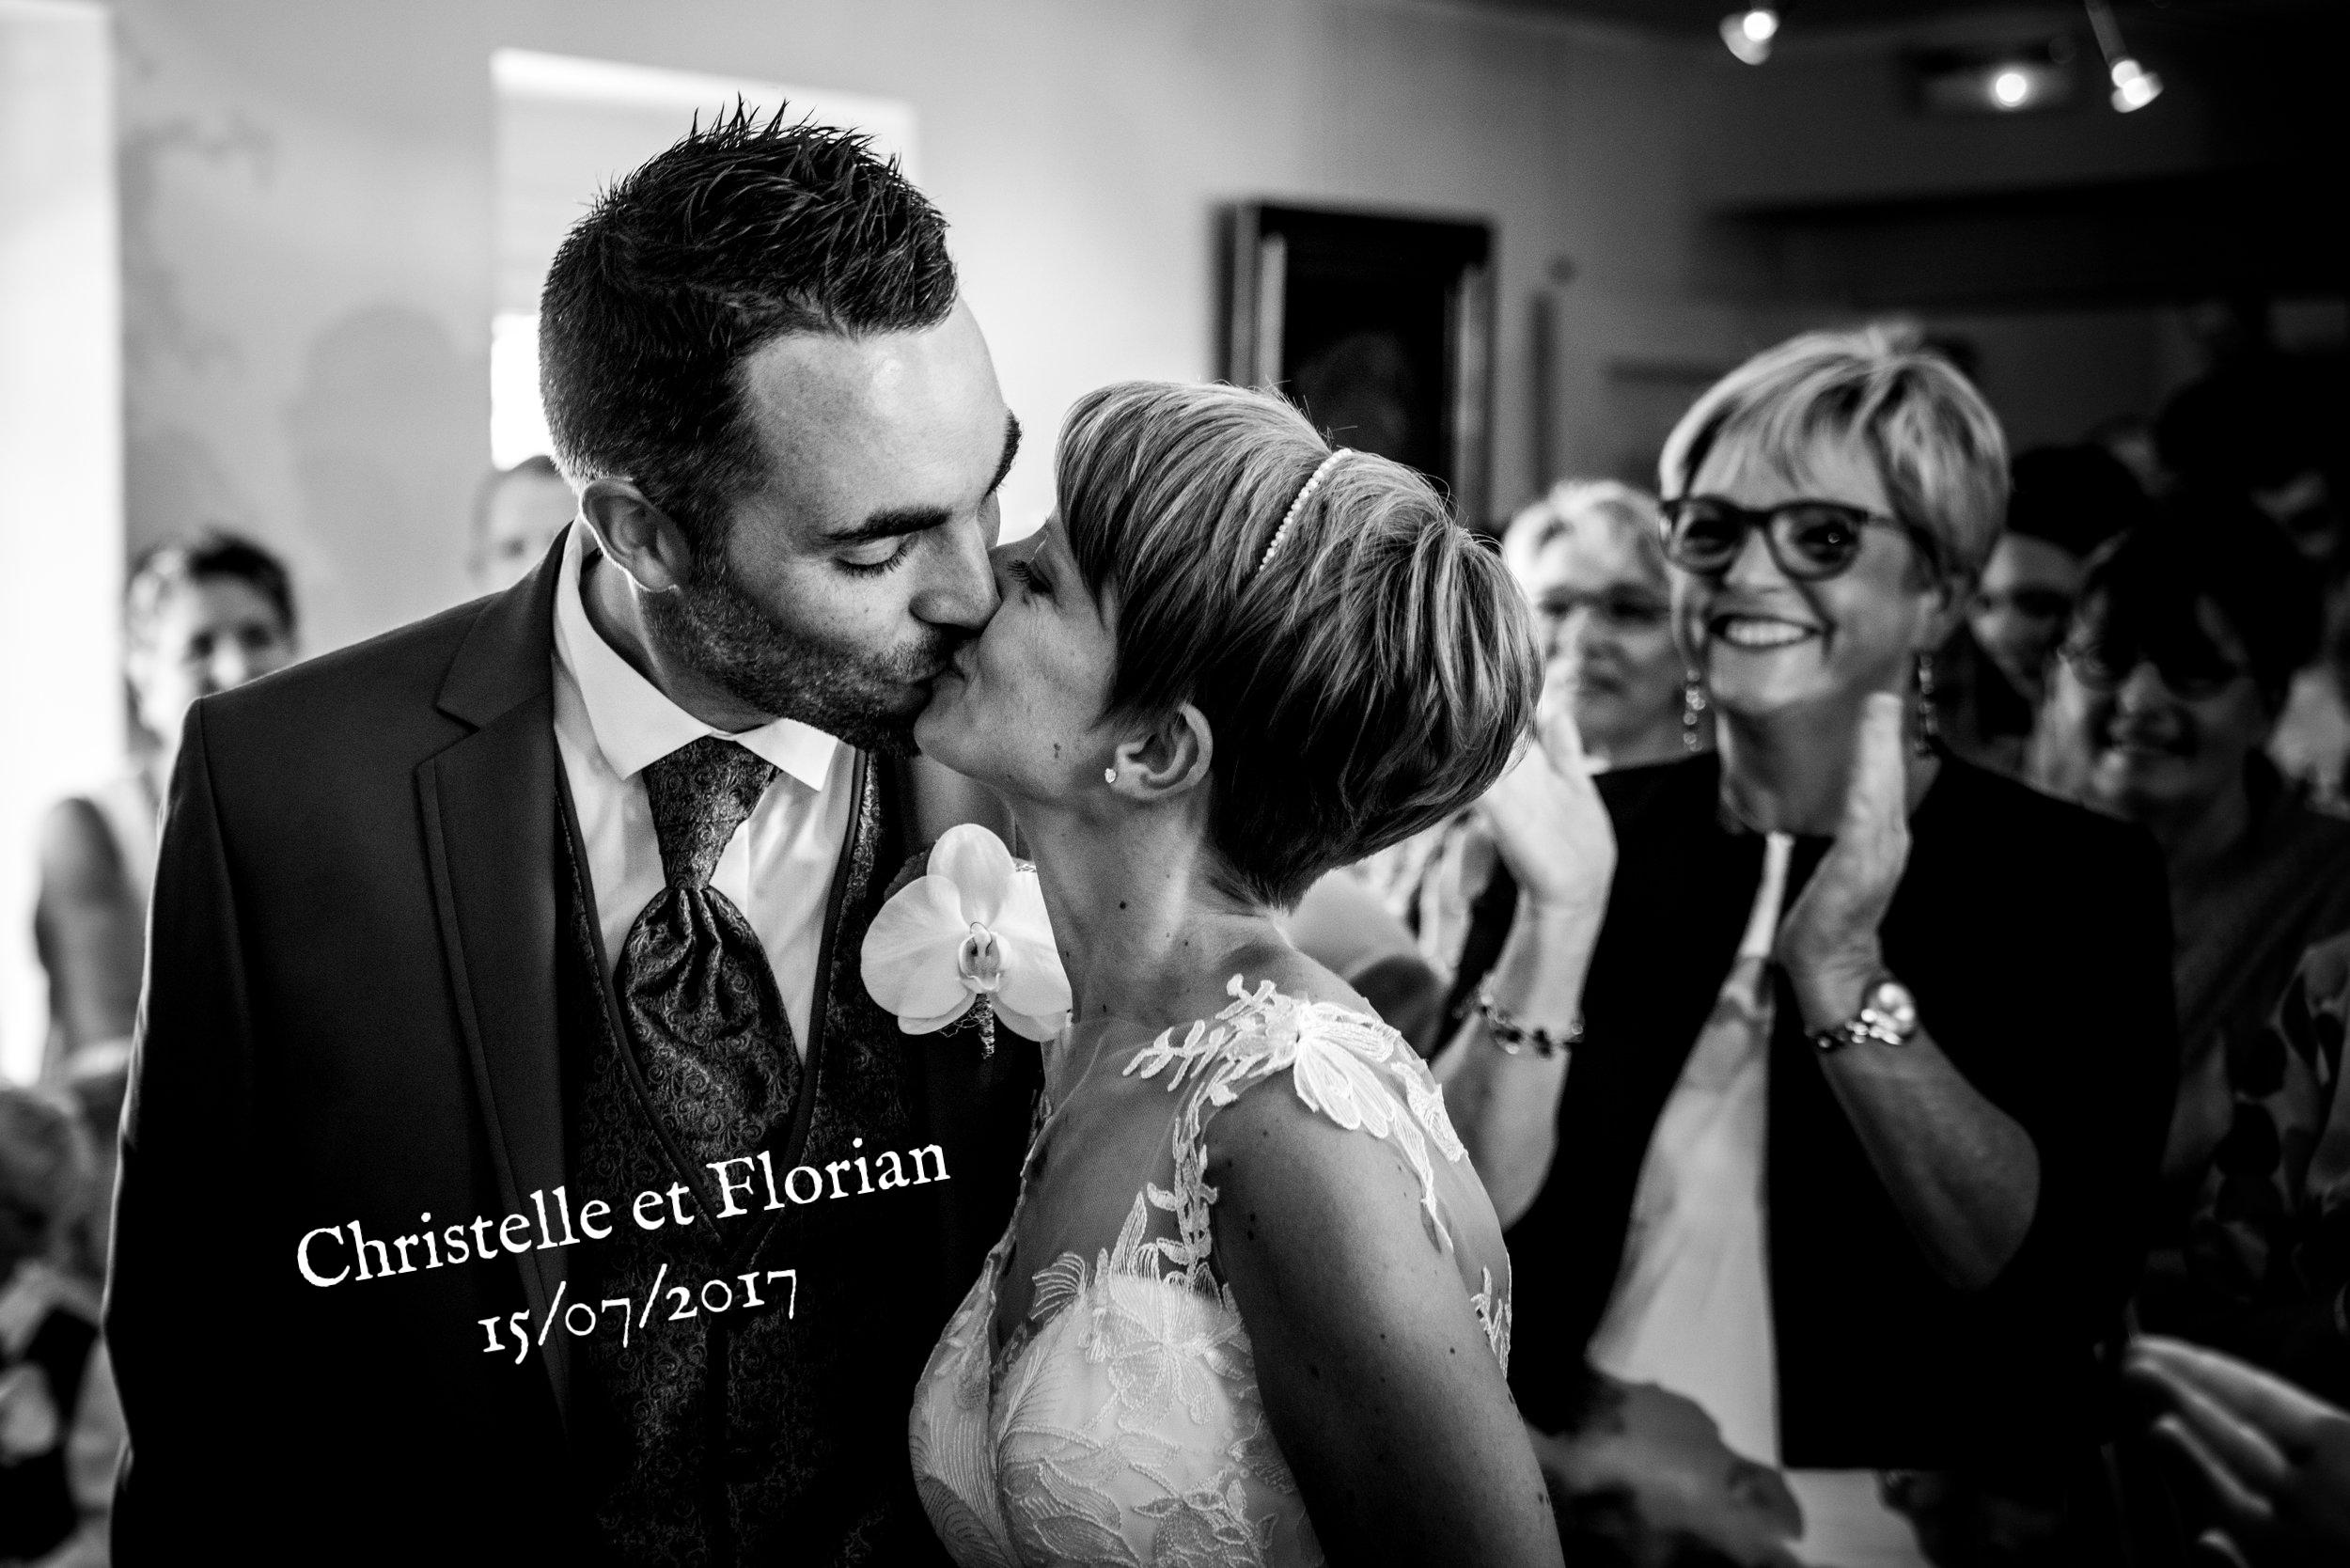 Christelle et Florian-15072017.jpg